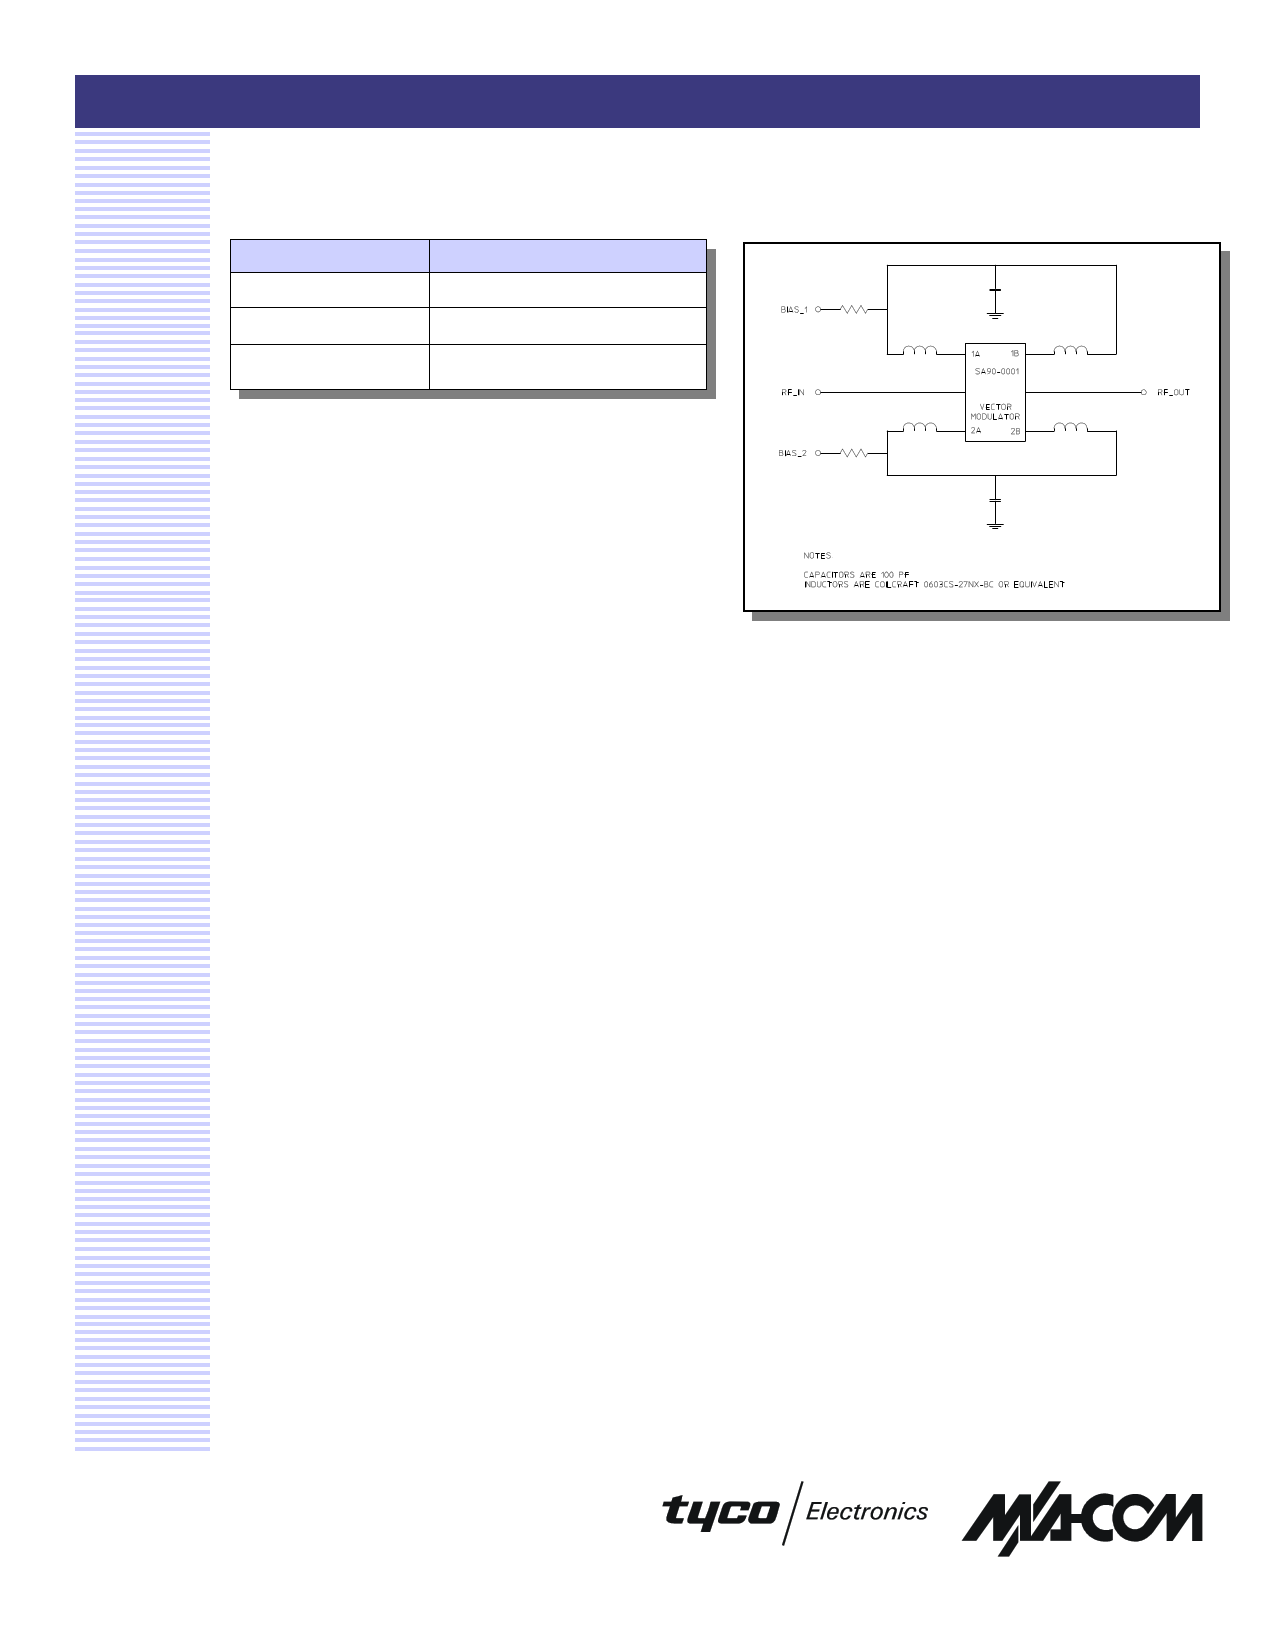 SA90-0001 pdf